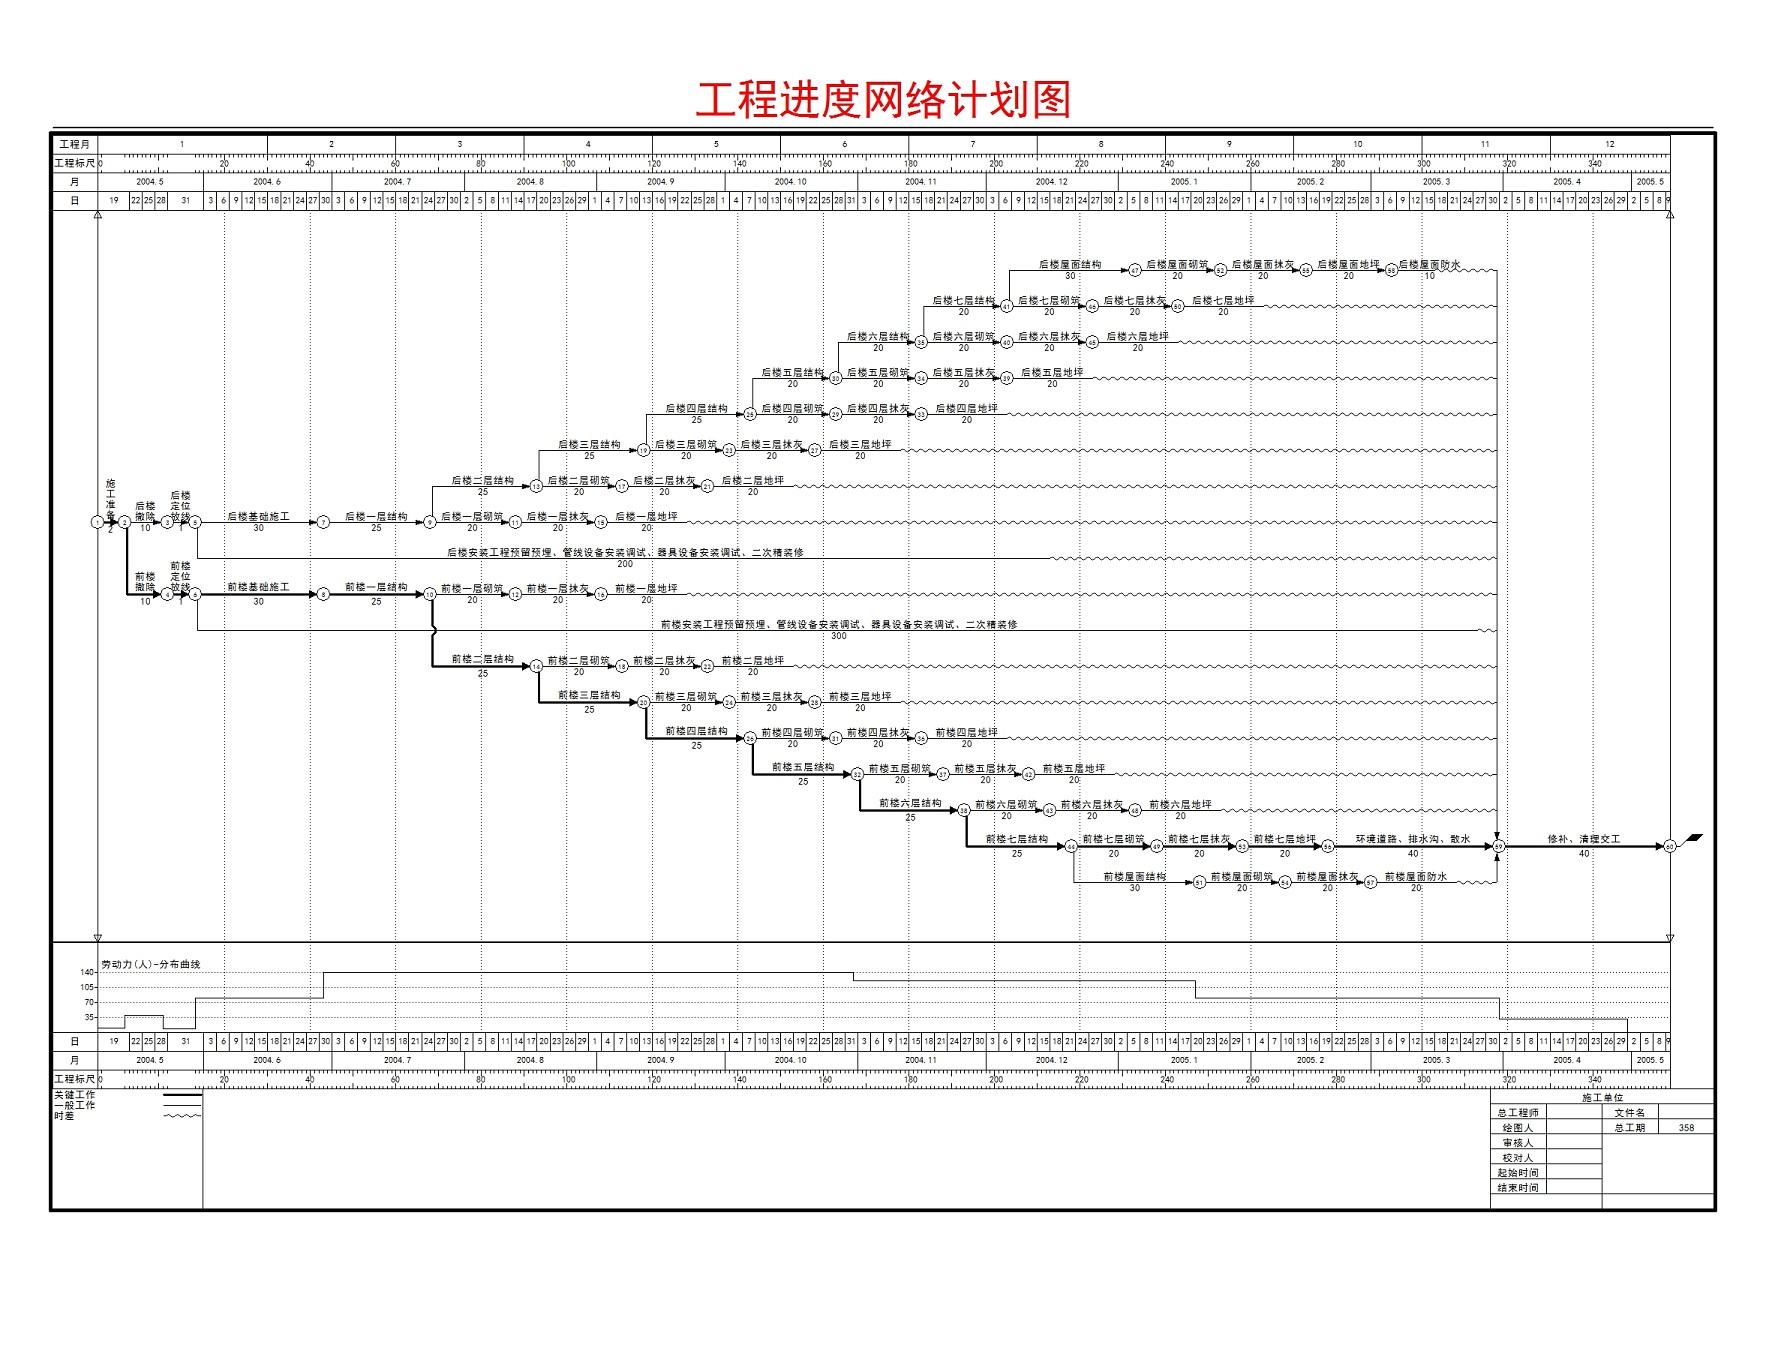 翰文网络图绘制软件